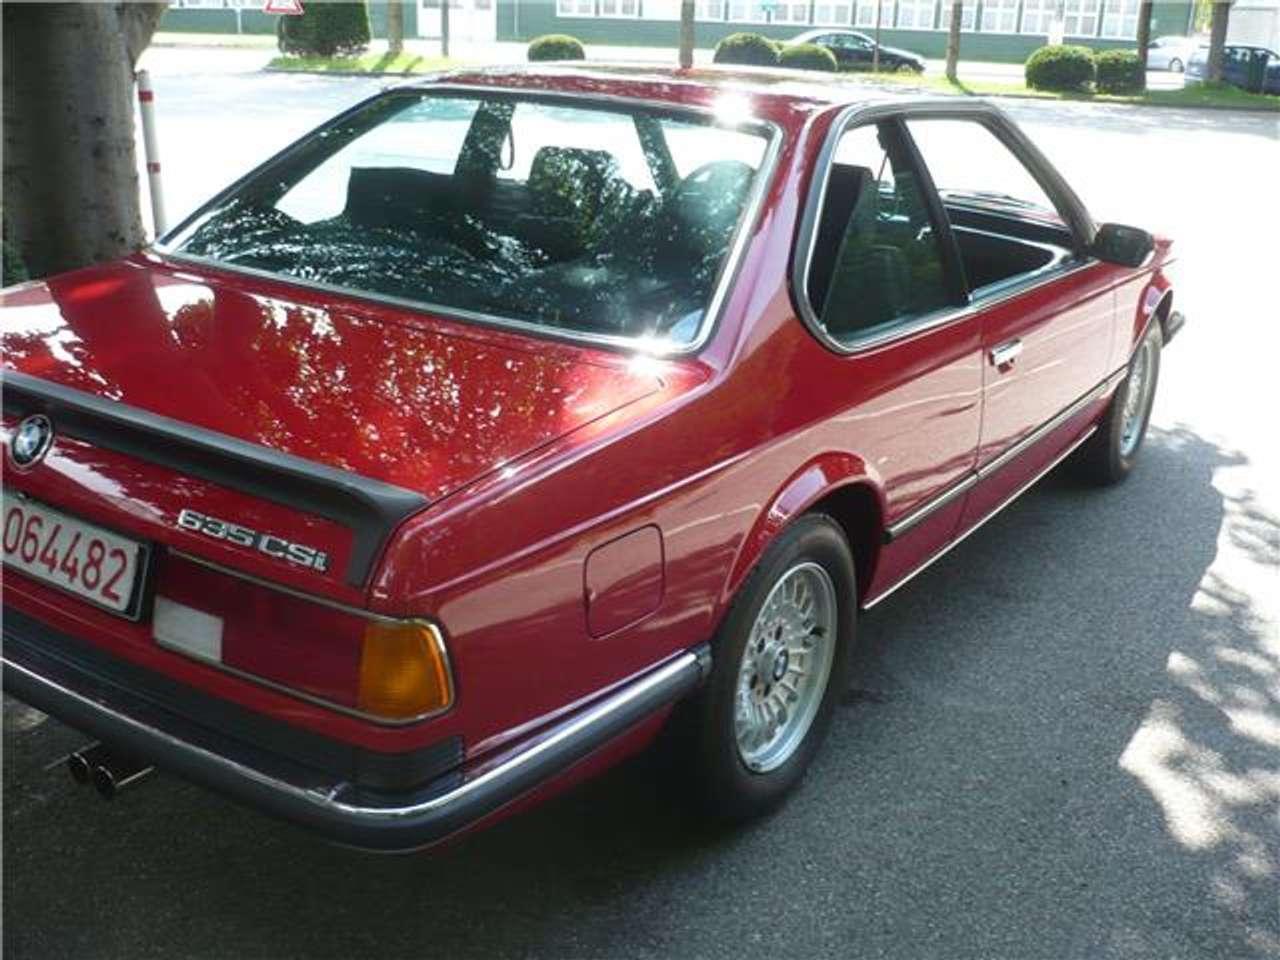 Спортивне купе BMW 635 CSi випускалося з 1978 по 1989 рік